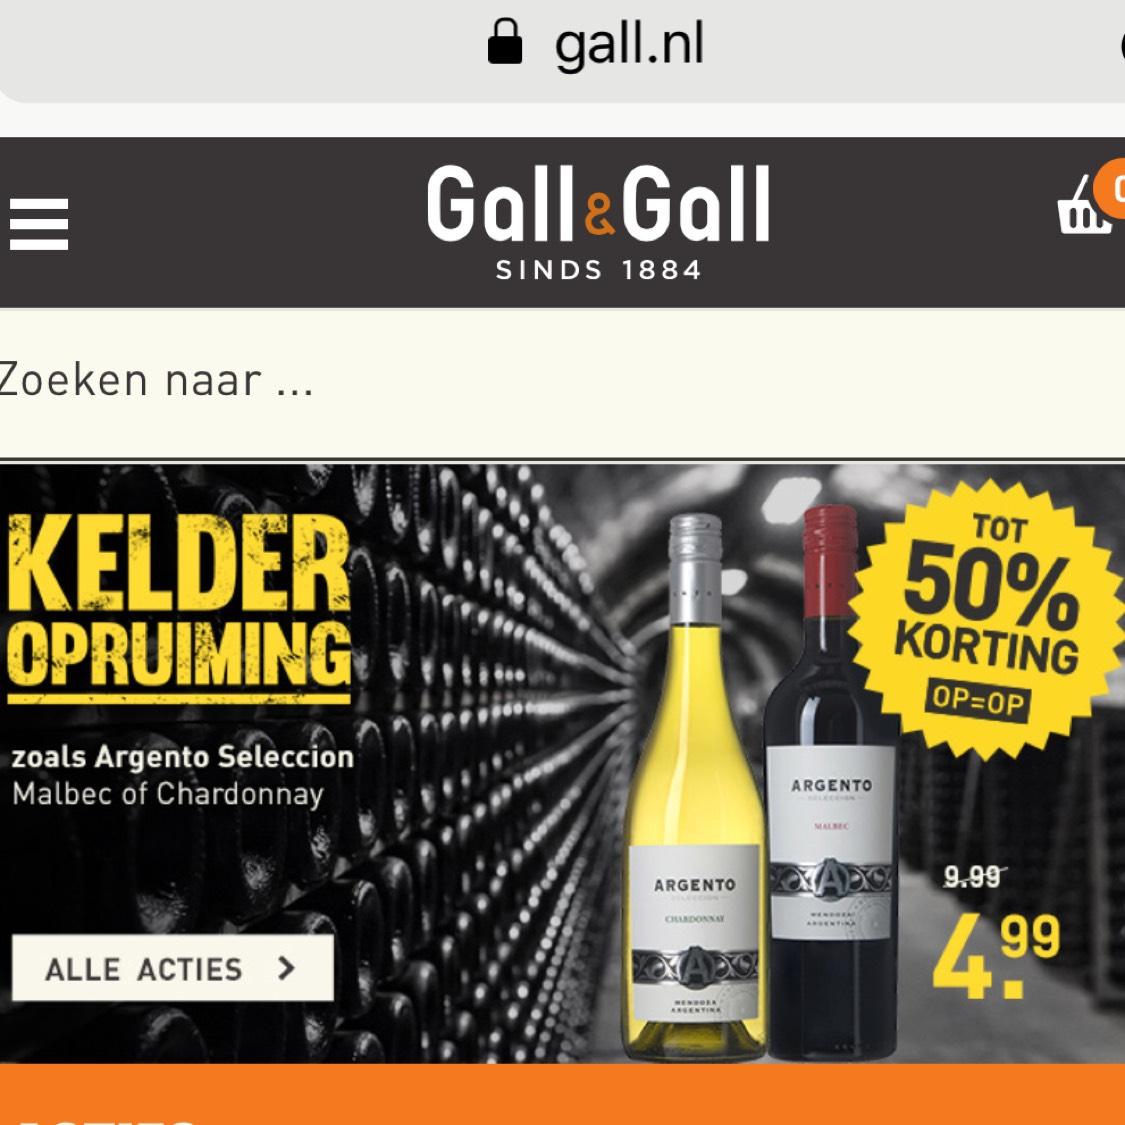 Gall & Gall kelderopruiming.